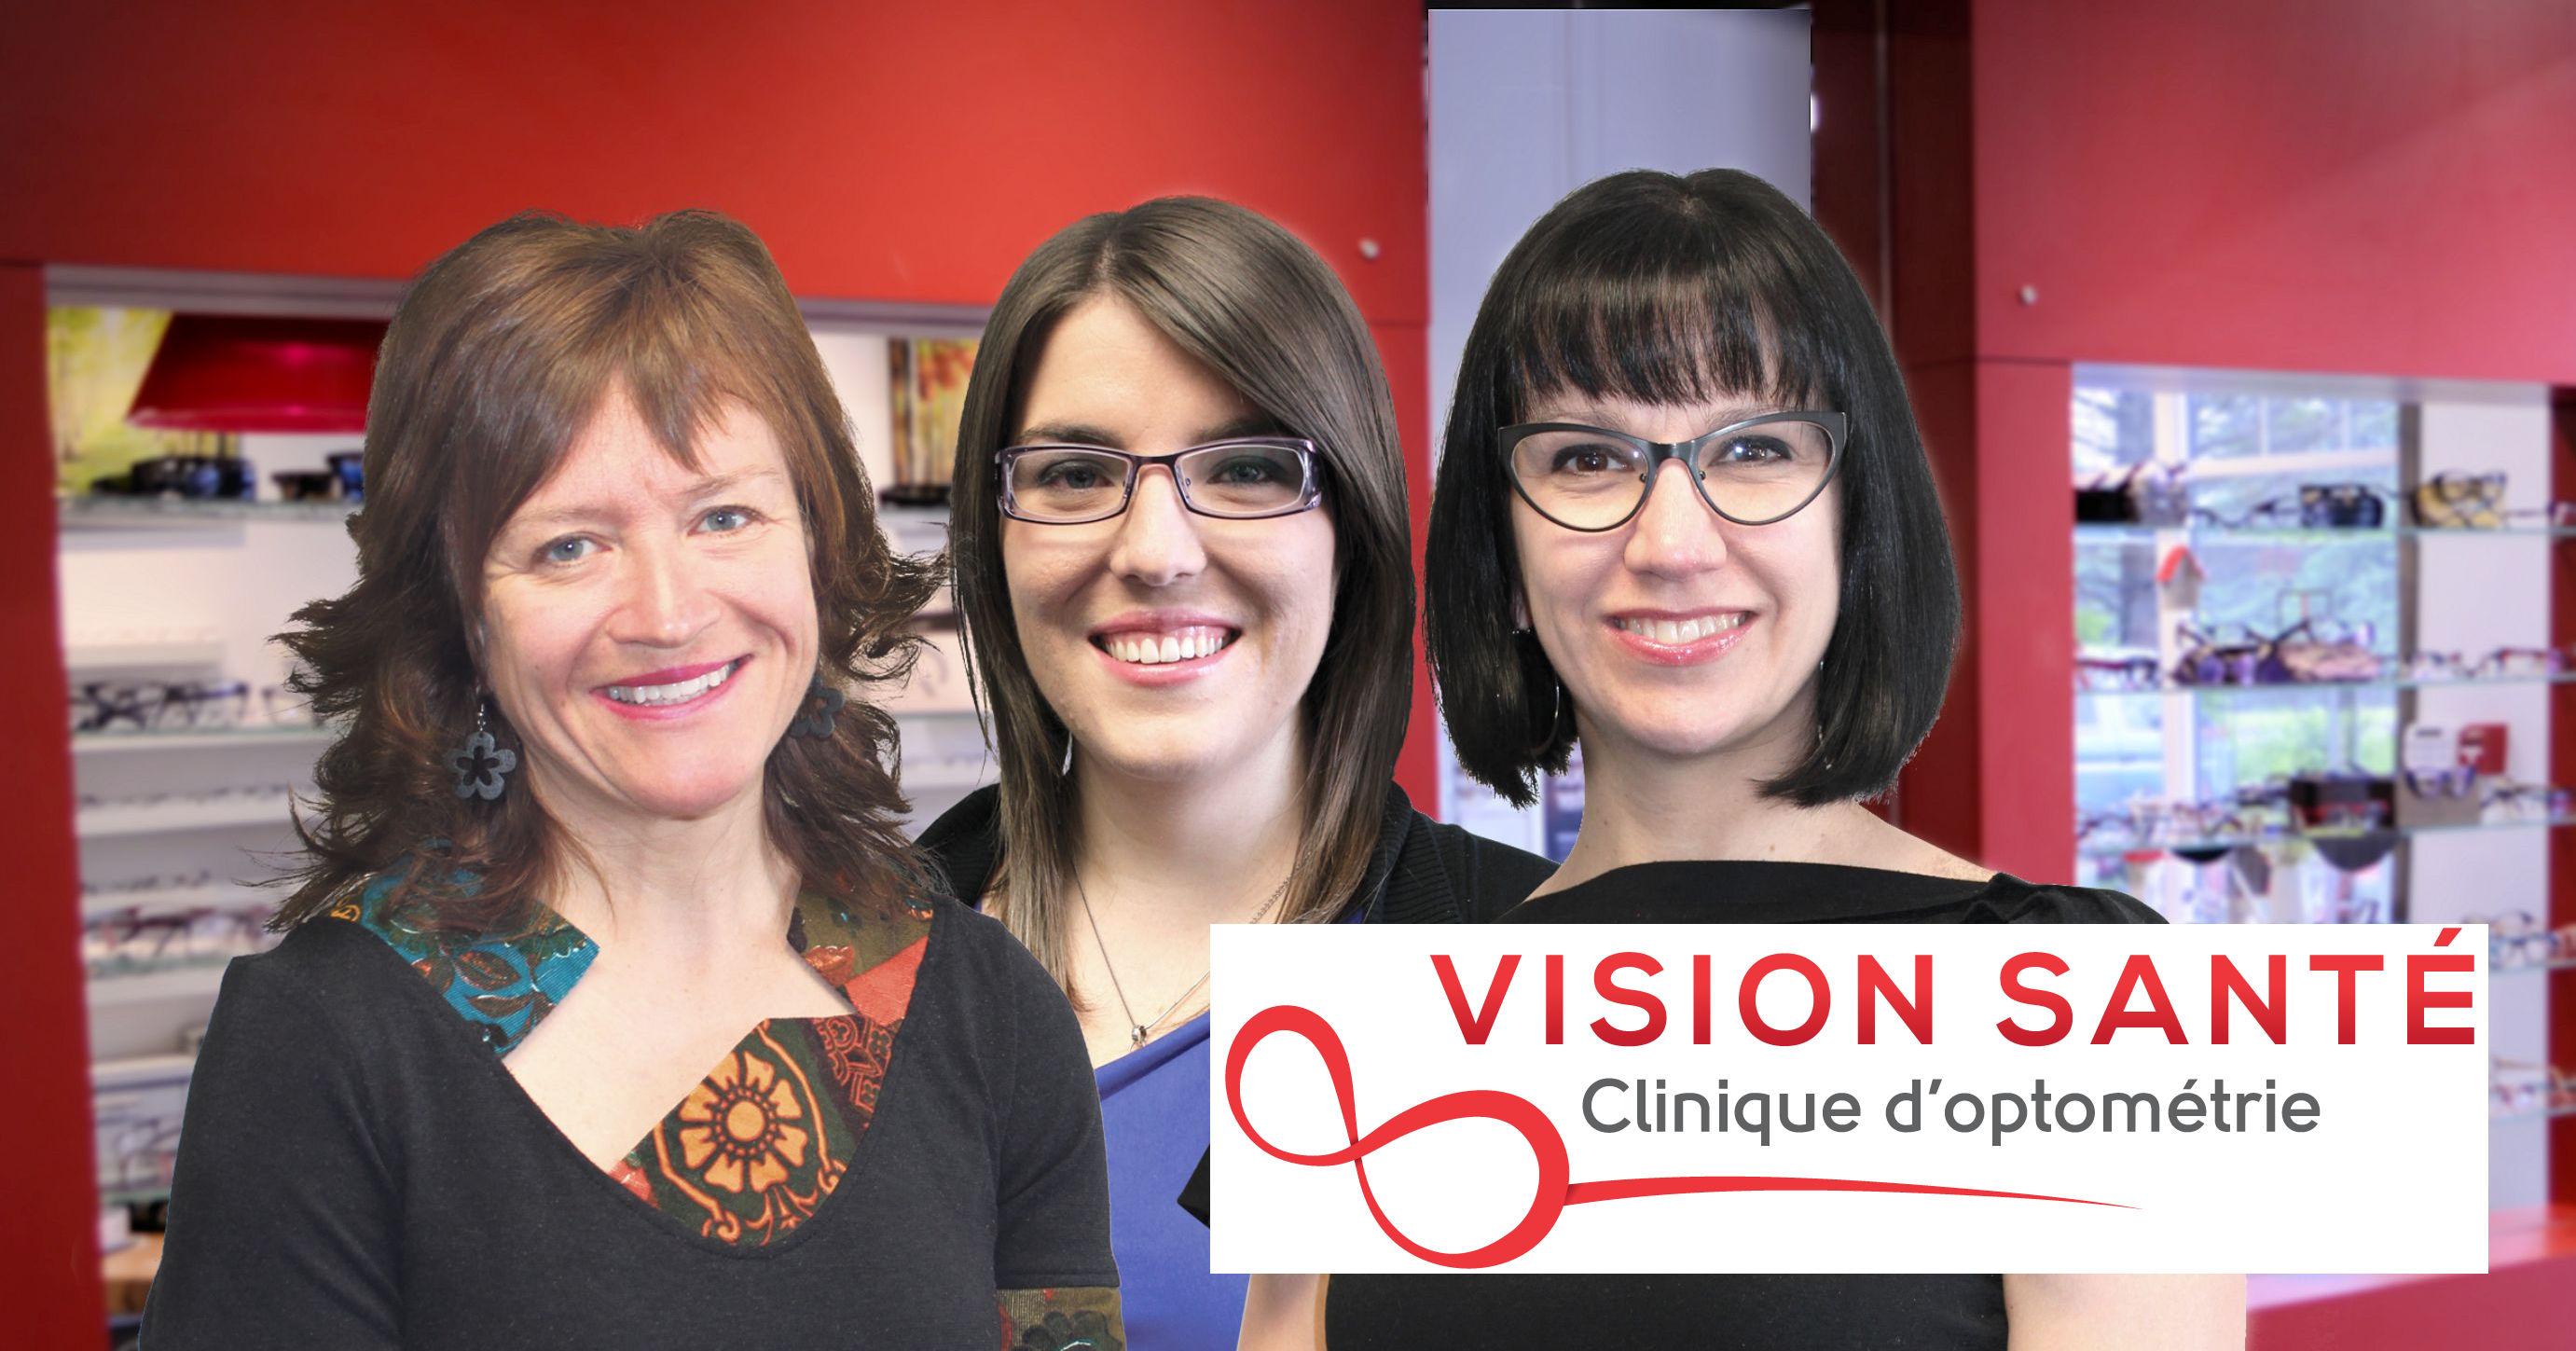 Vision Santé Clinique d optométrie - Dre Carole Roth - Lac-Beauport 2a44653573cf